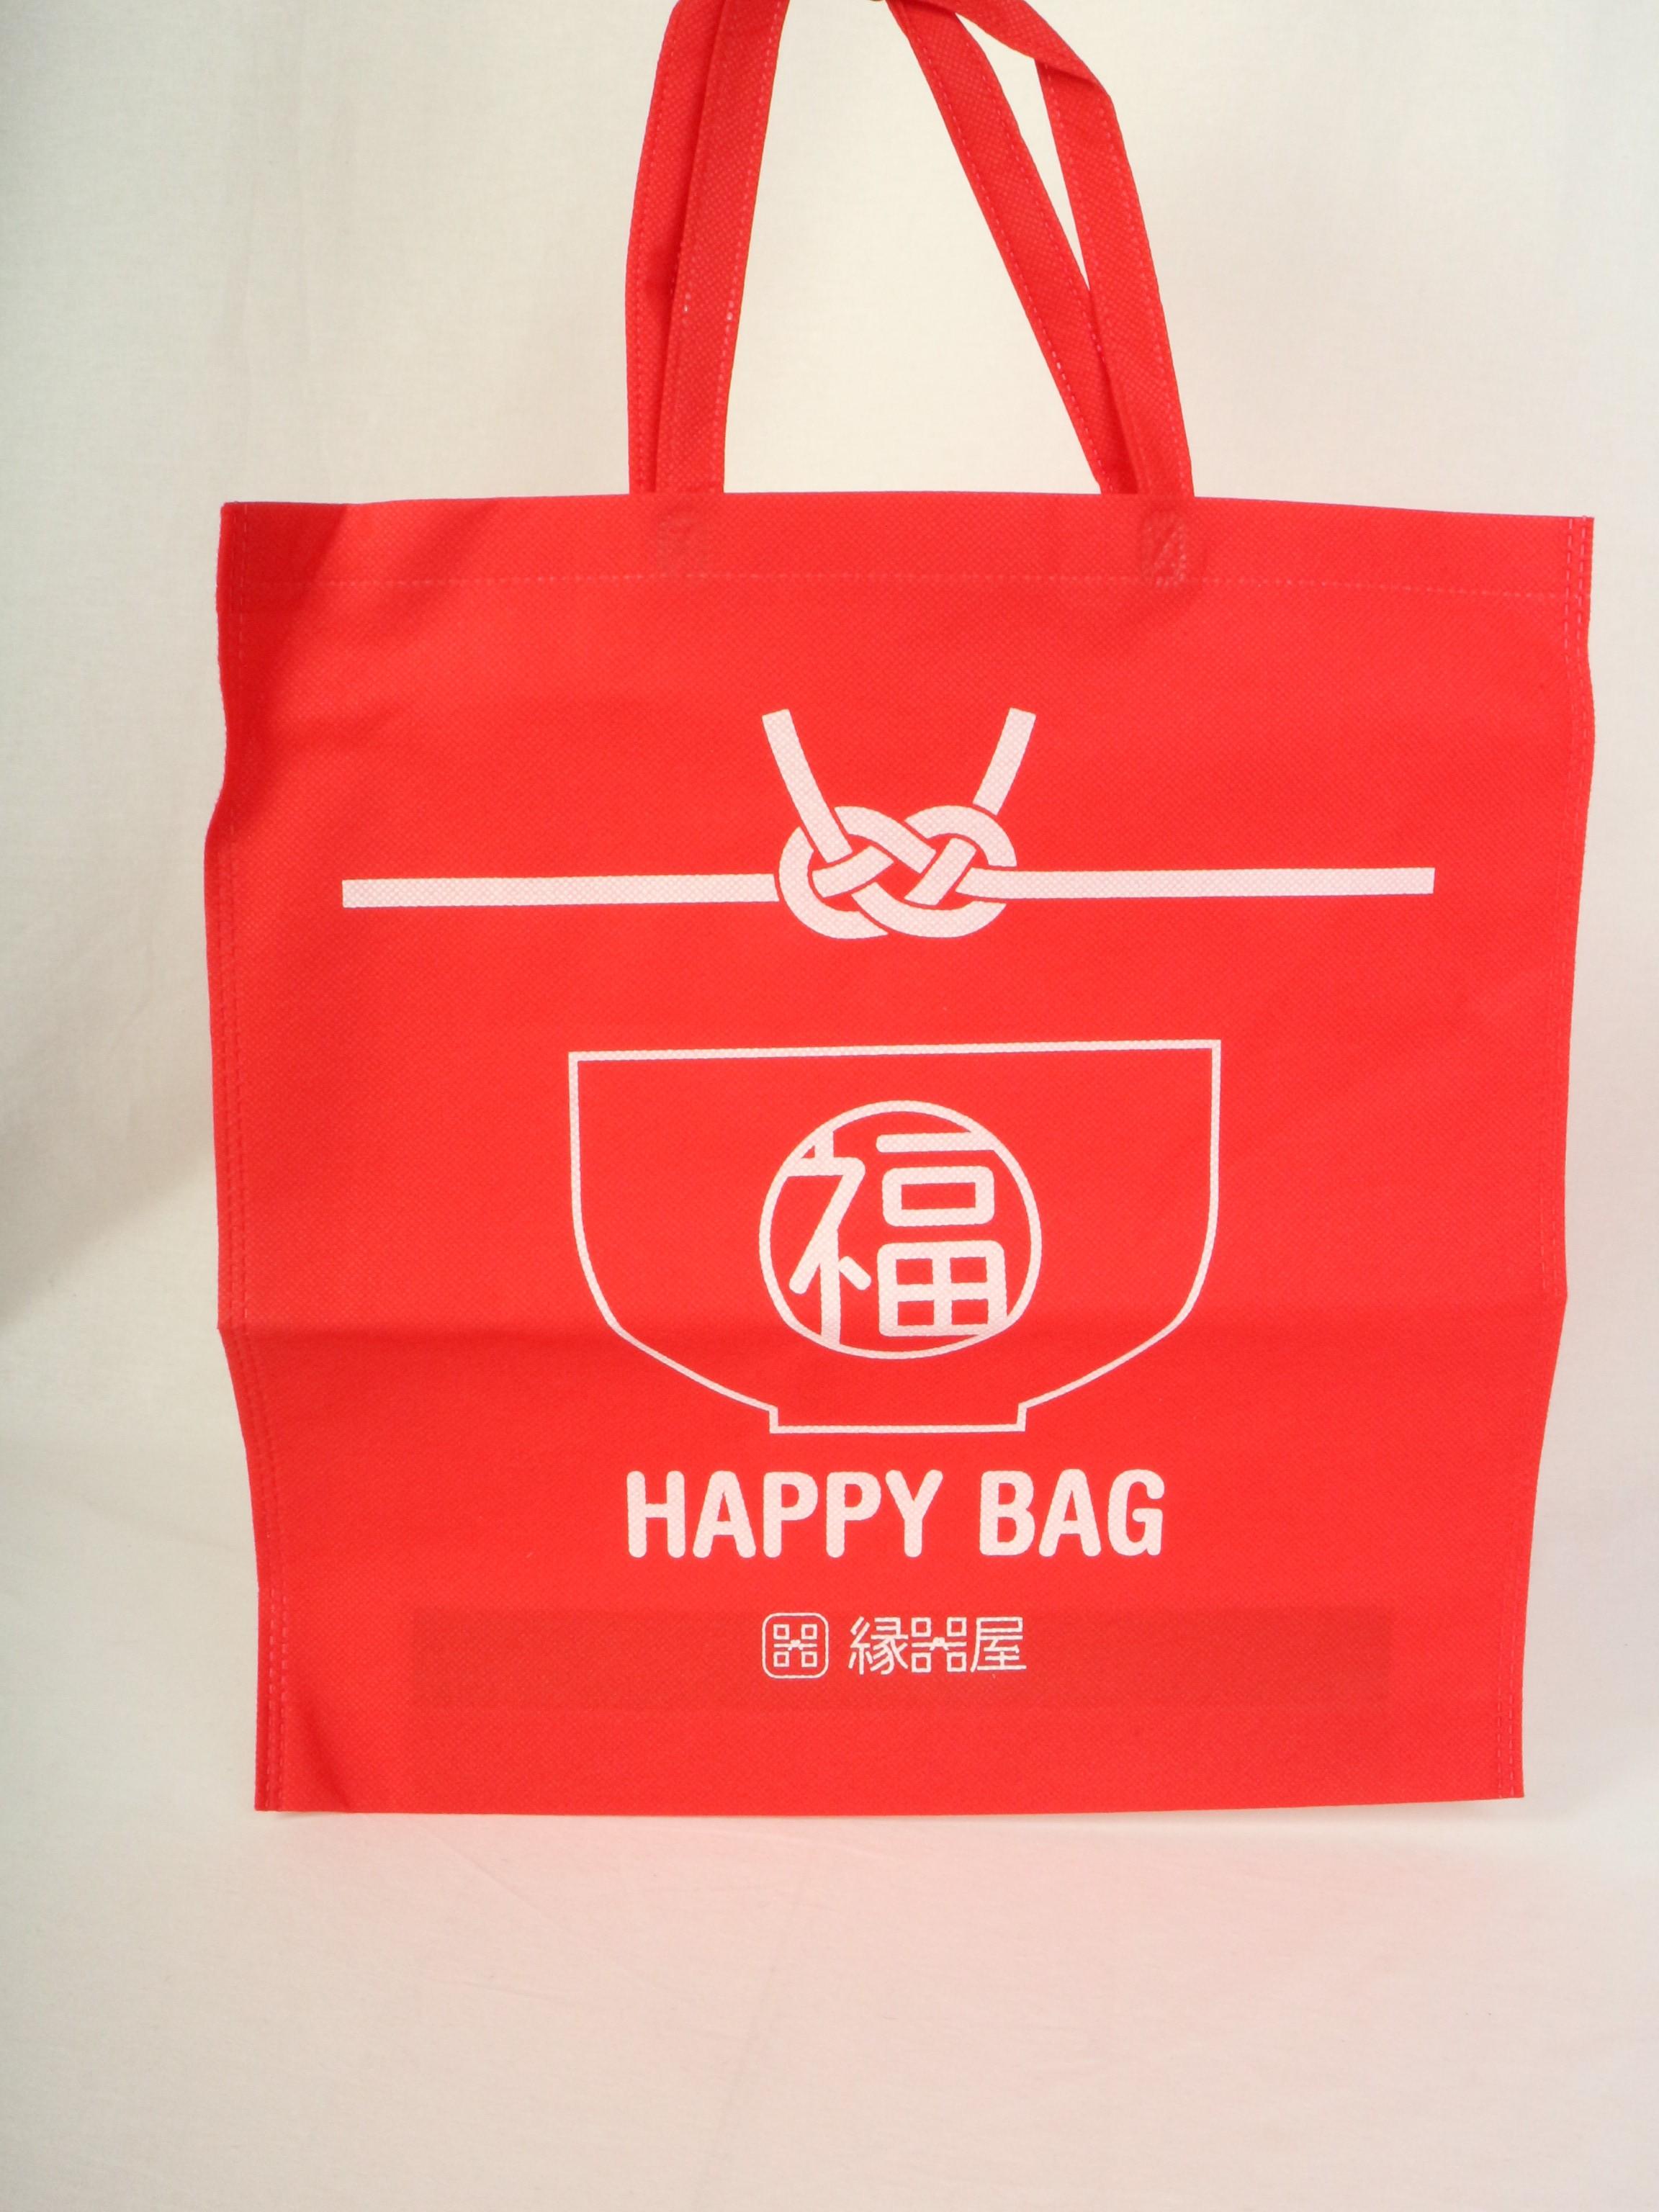 工芸品を販売されている企業様の年始福袋用オリジナルバッグ